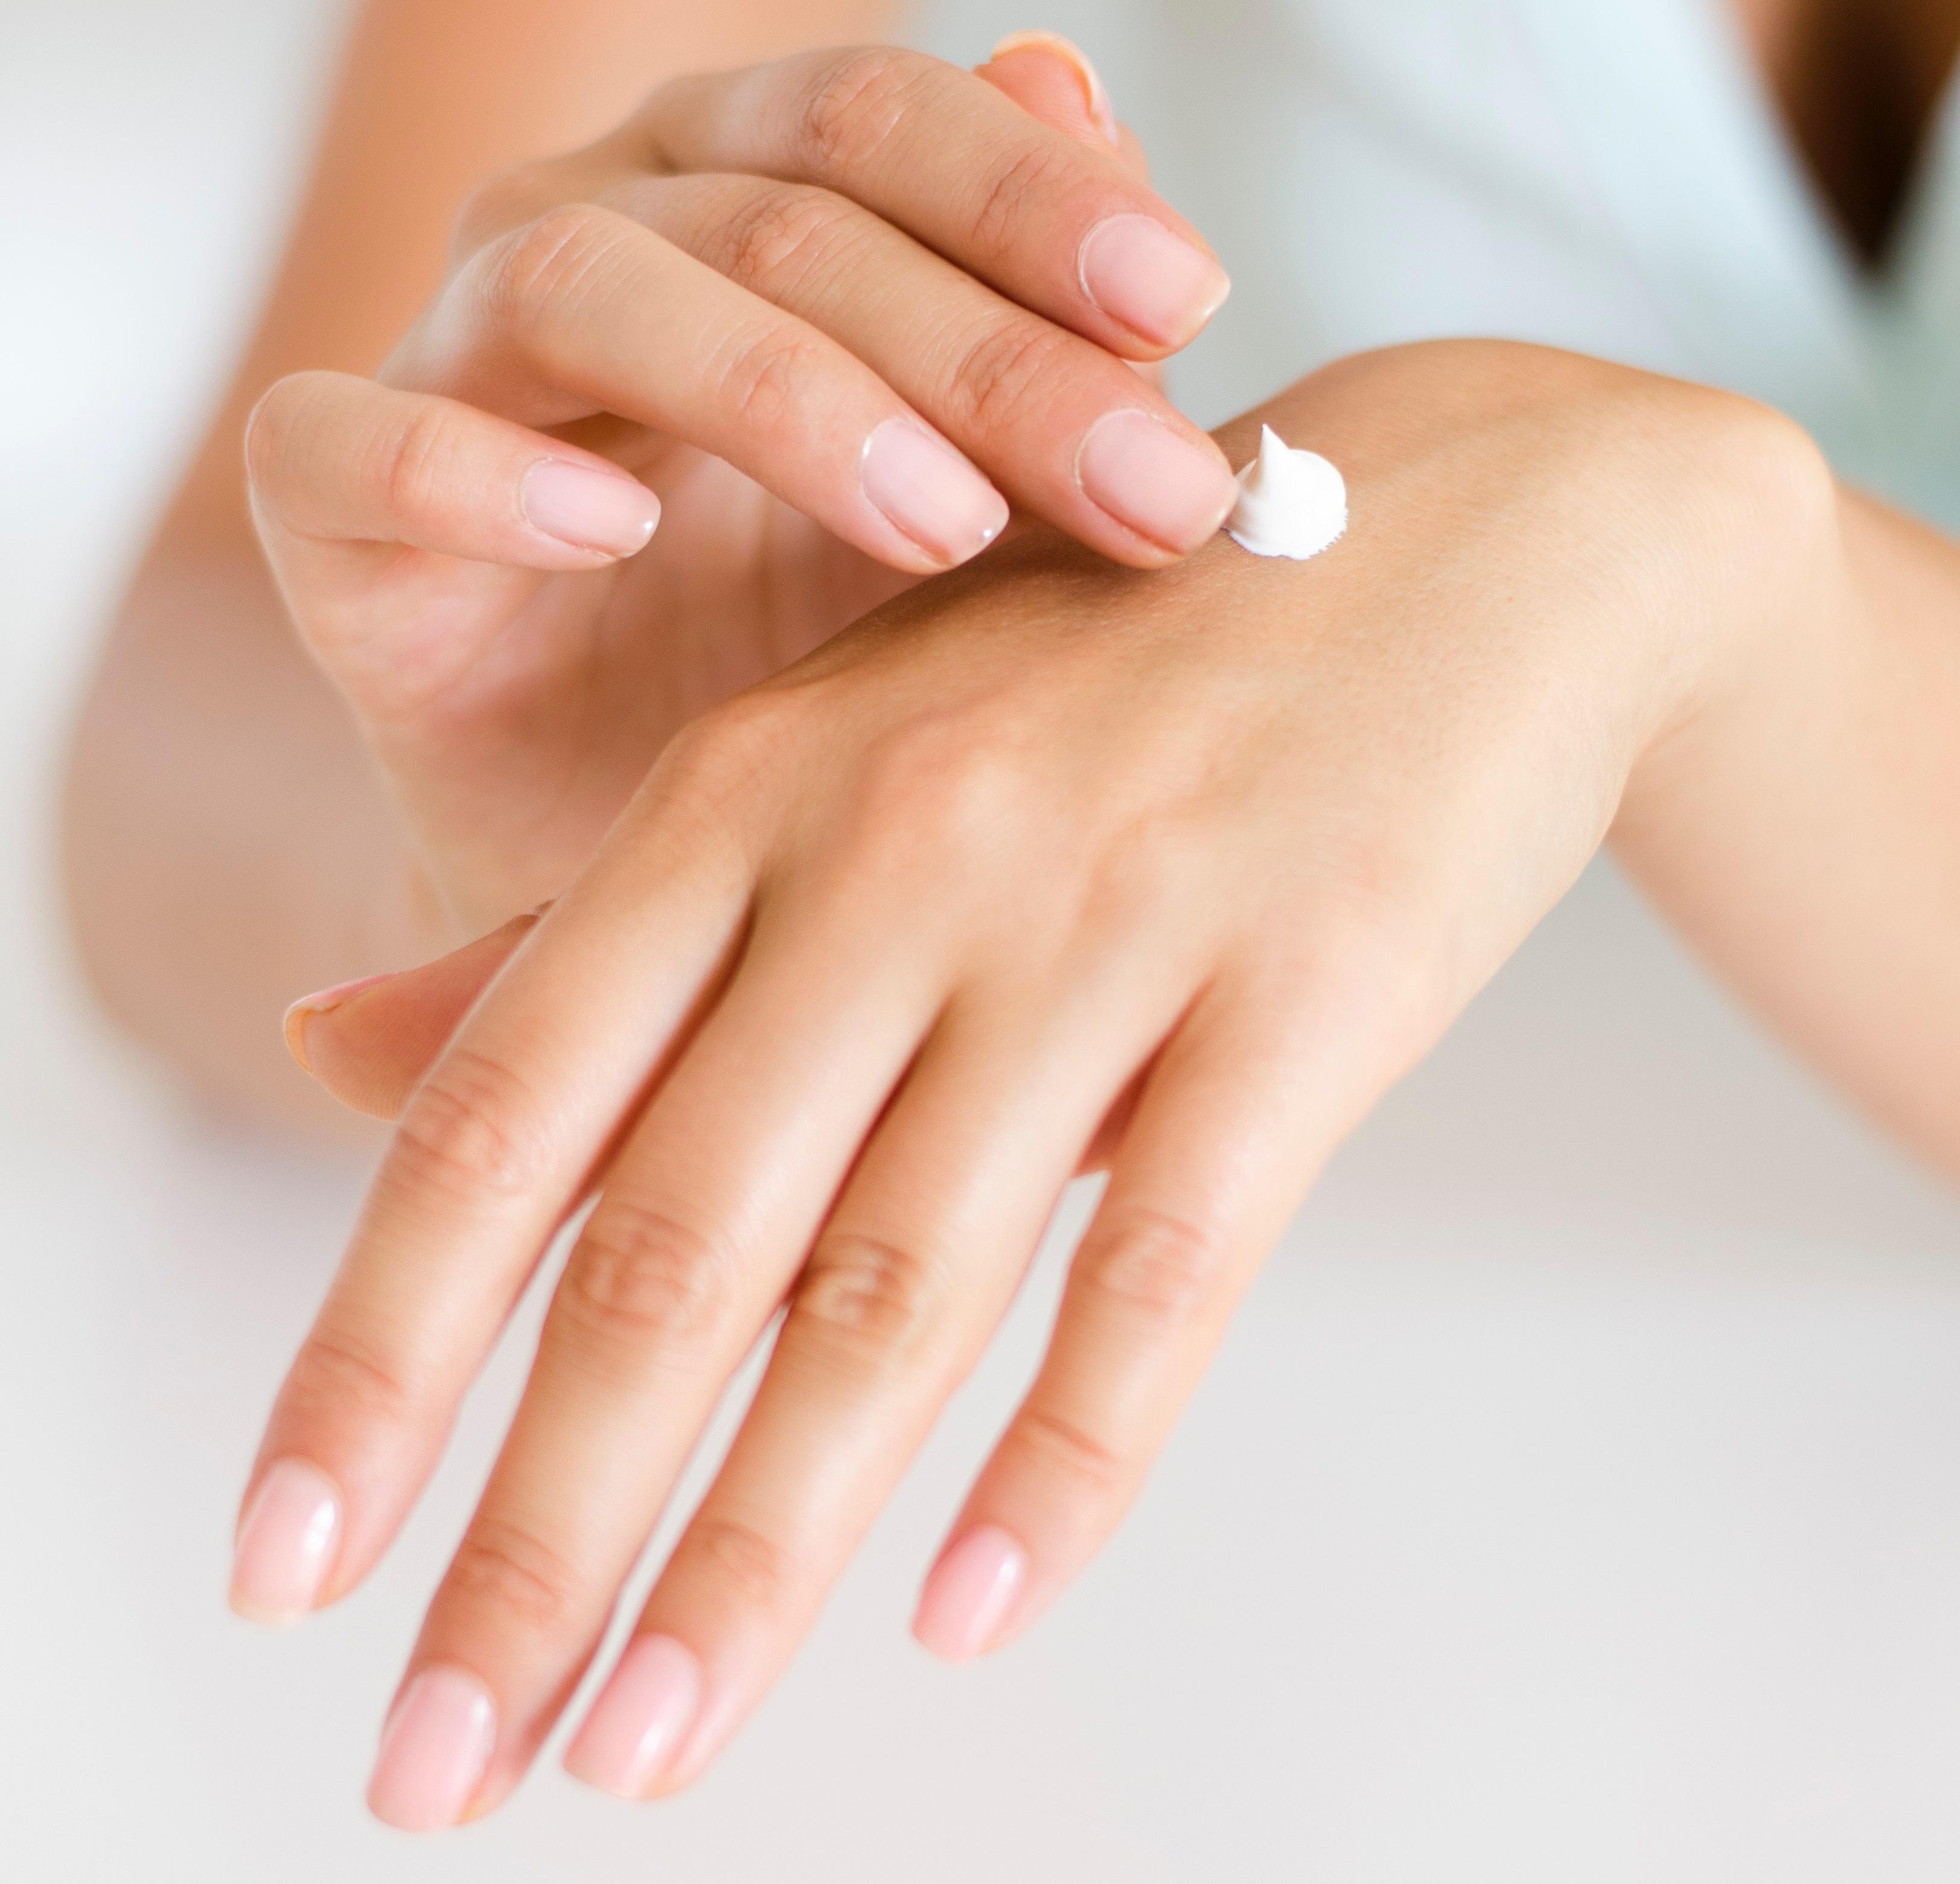 How Often Does Skin Cancer Return?